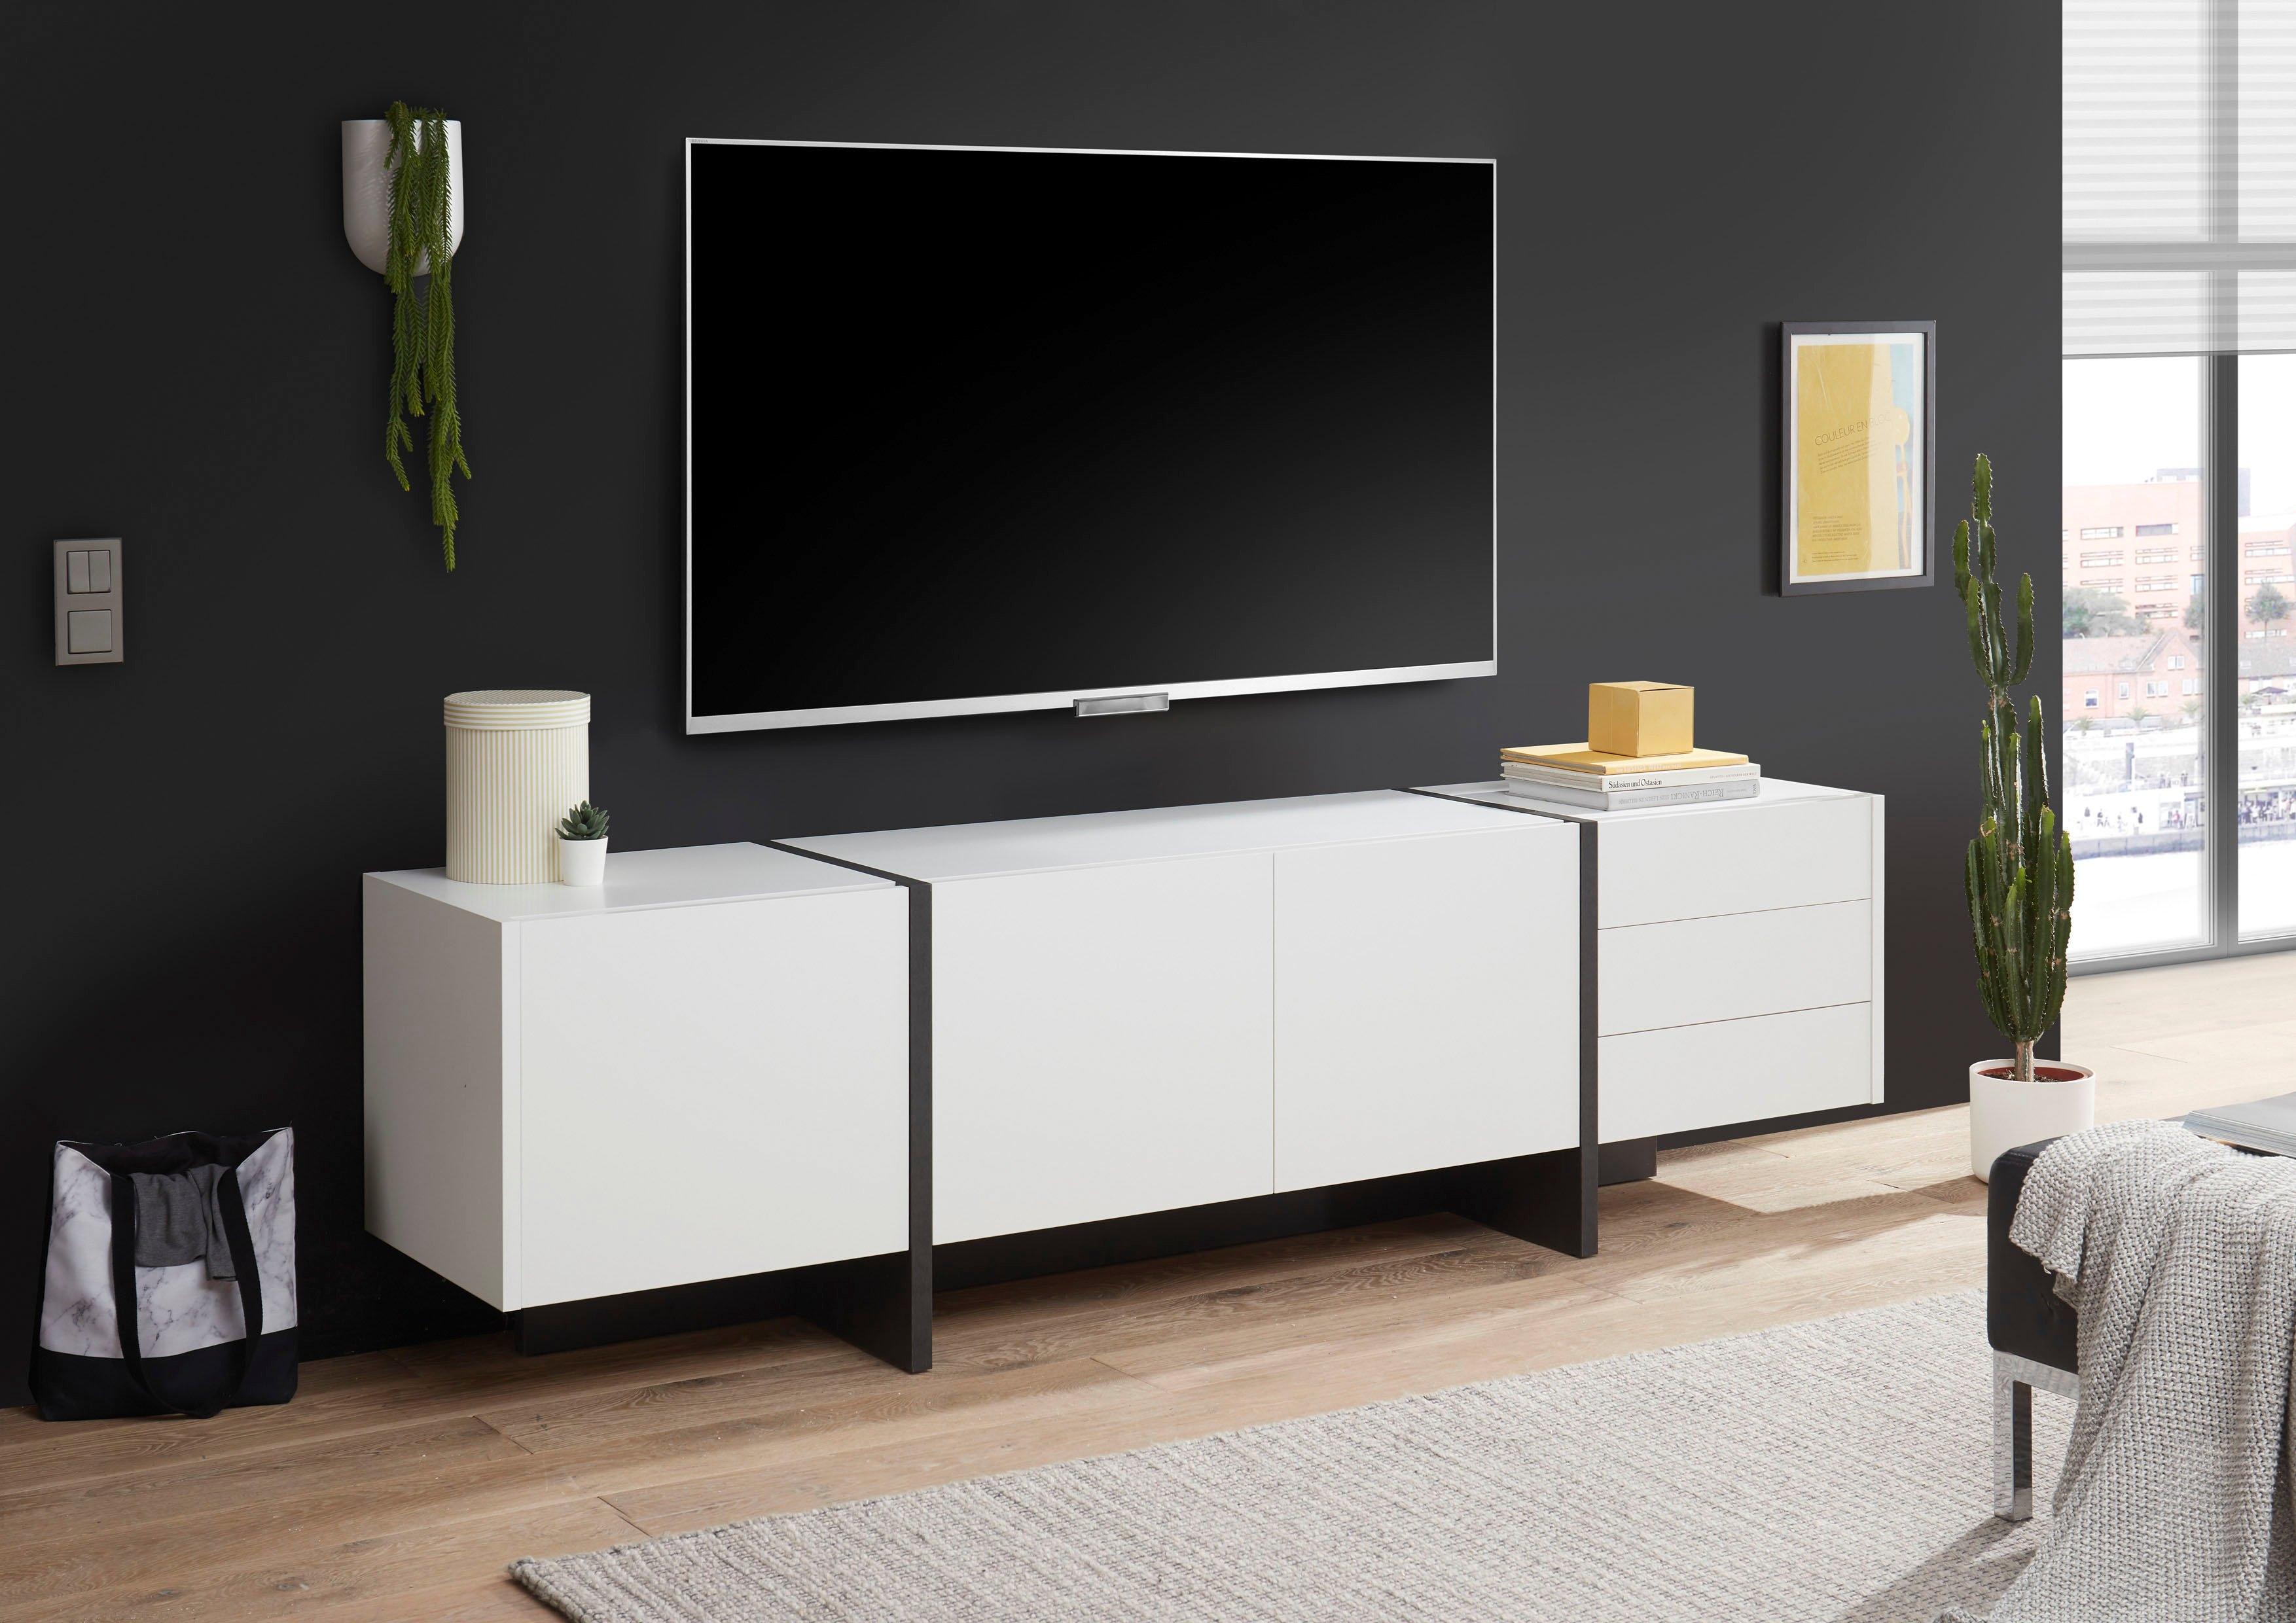 INOSIGN tv-meubel Caio Hoogte ca. 60 cm goedkoop op otto.nl kopen